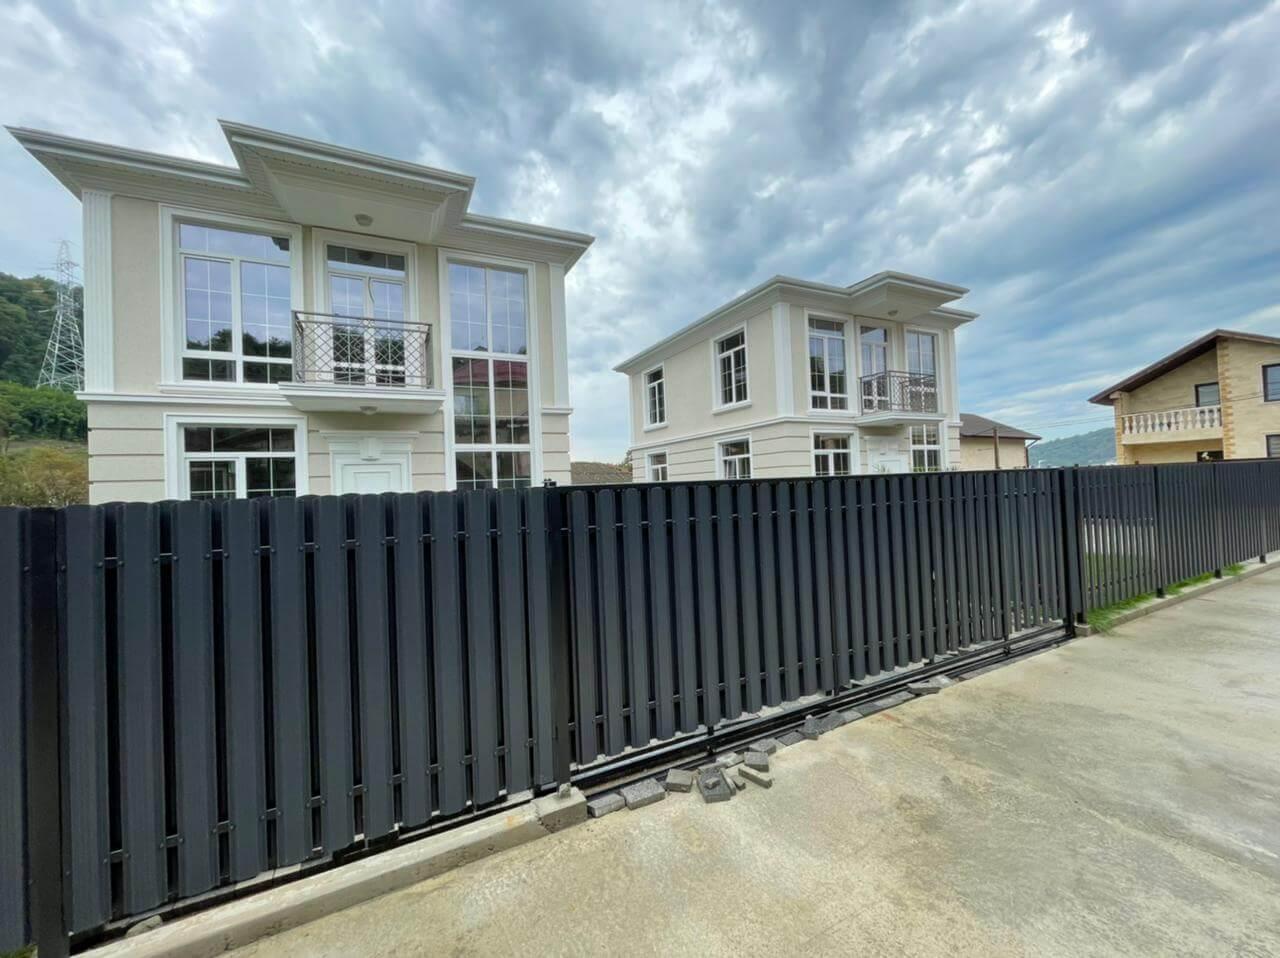 забор из штакетника серый графит двухсторонний фото2